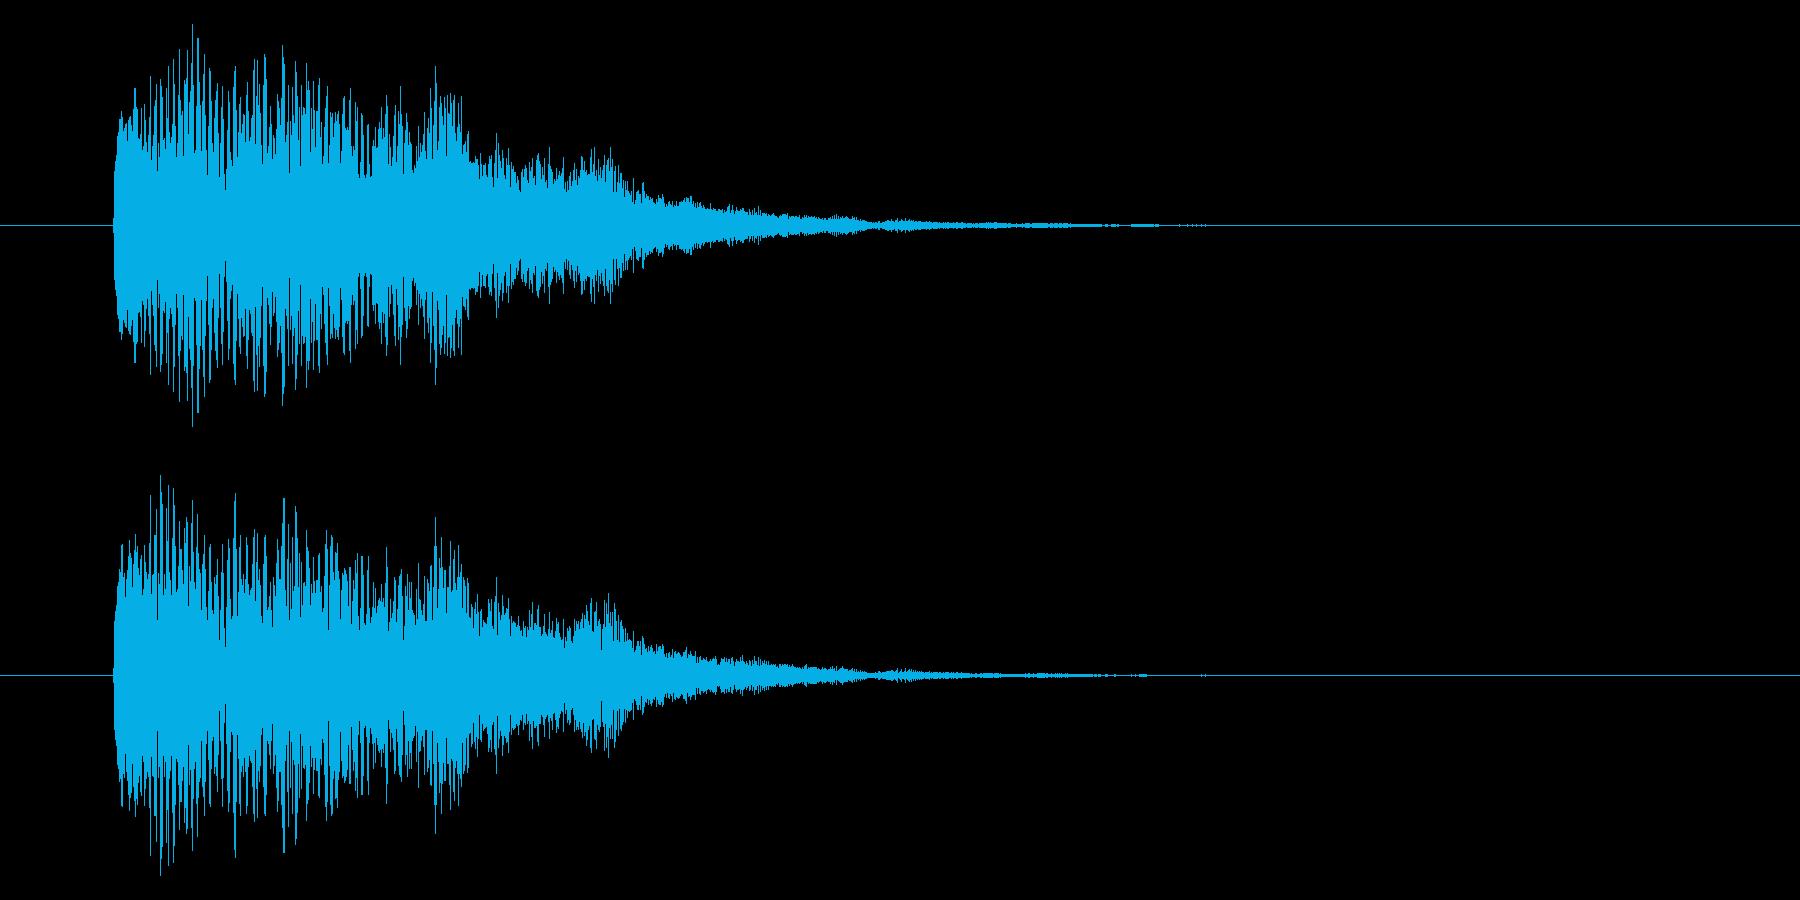 【アクセント43-1】の再生済みの波形